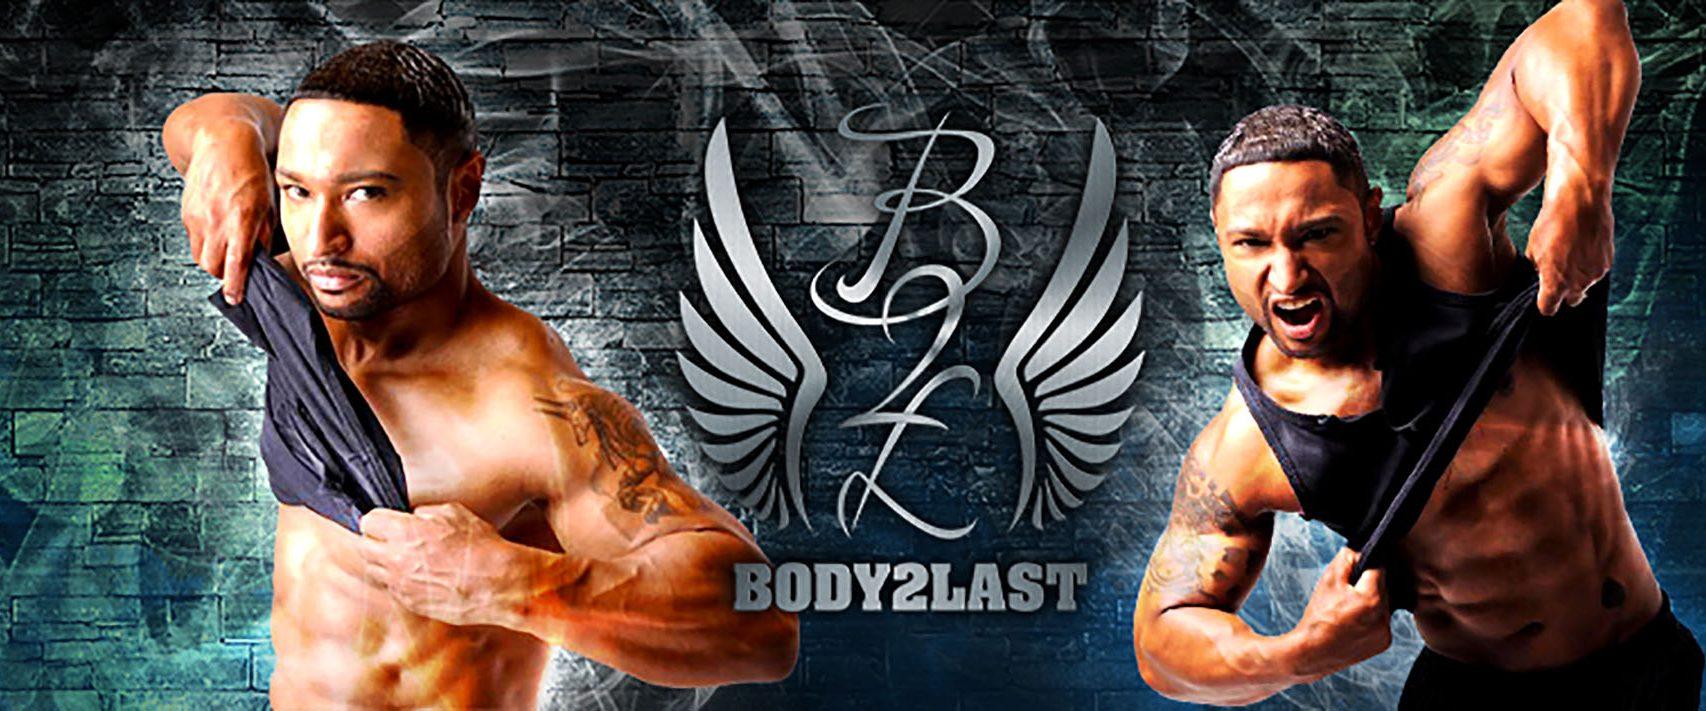 Body2Last